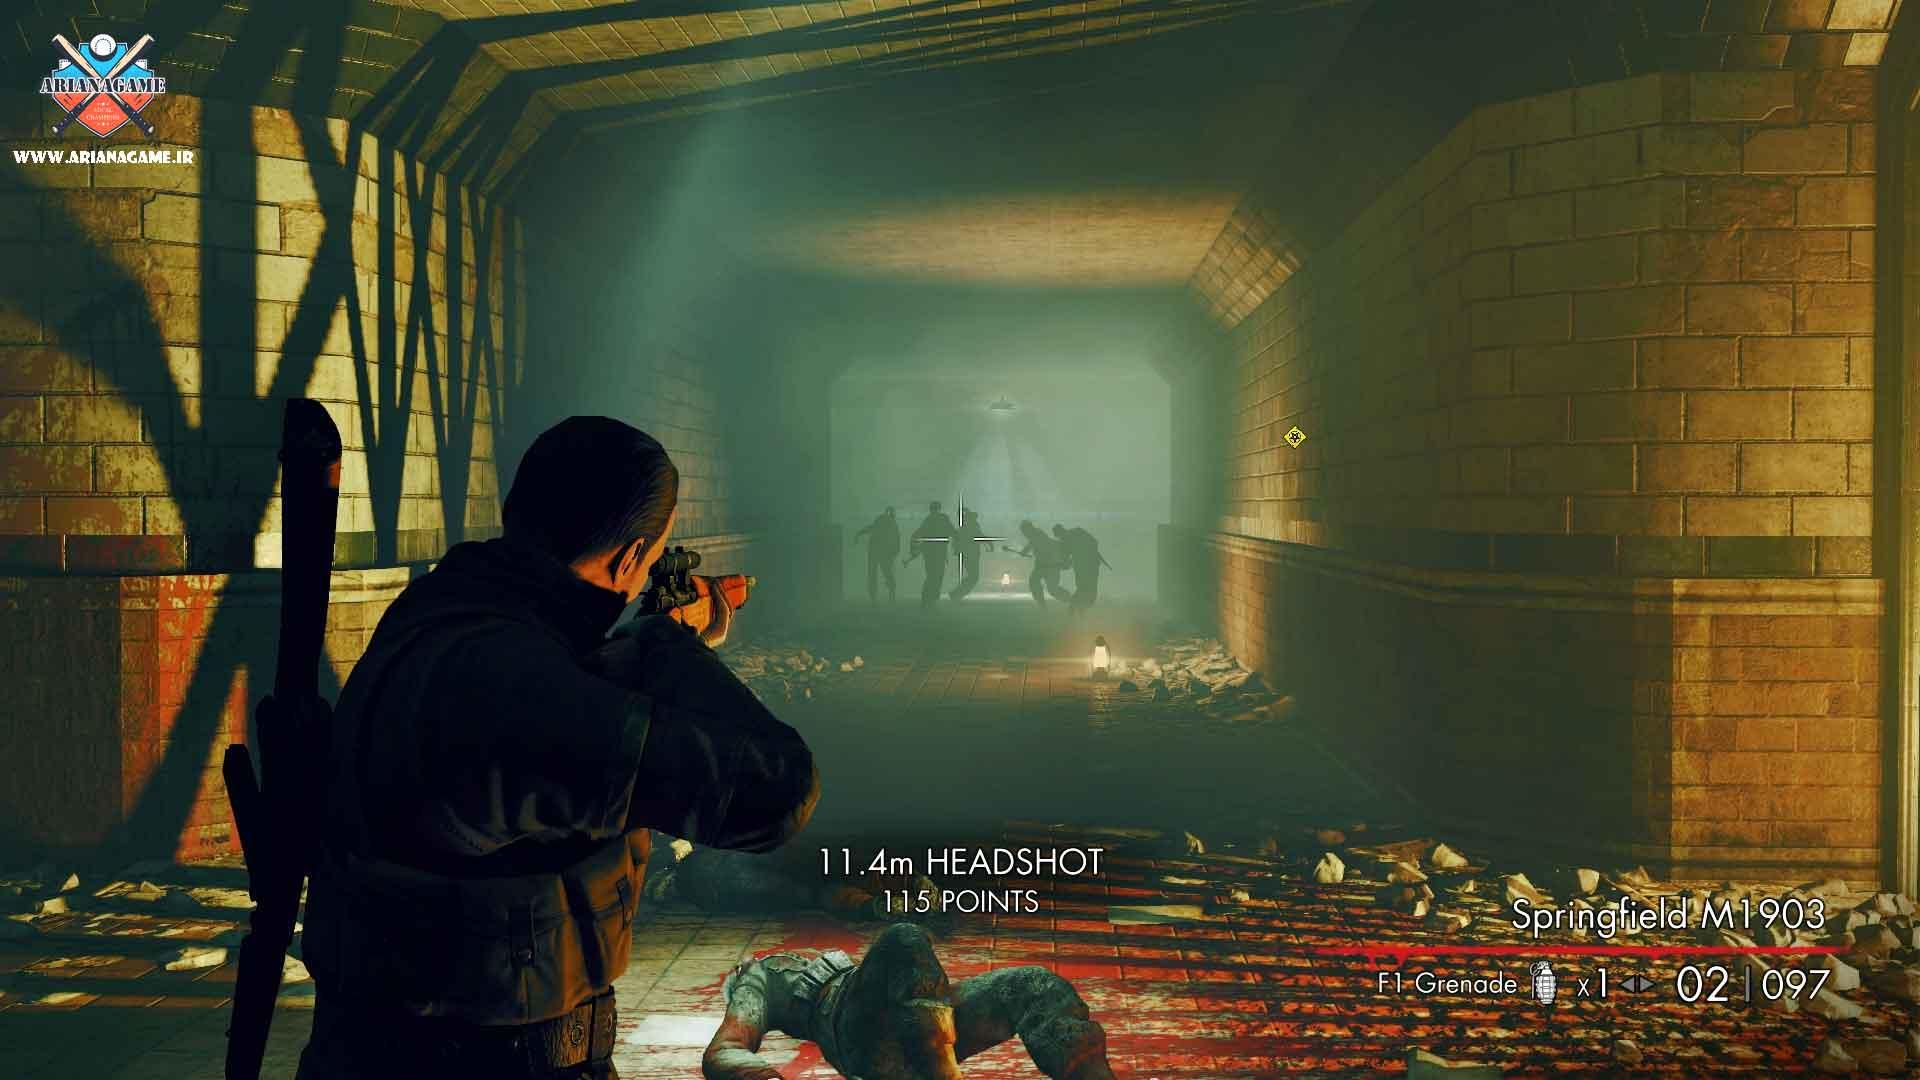 خرید بازی Sniper Elite Nazi Zombie Army 2 (ارتش زامبی نازی) برای PC